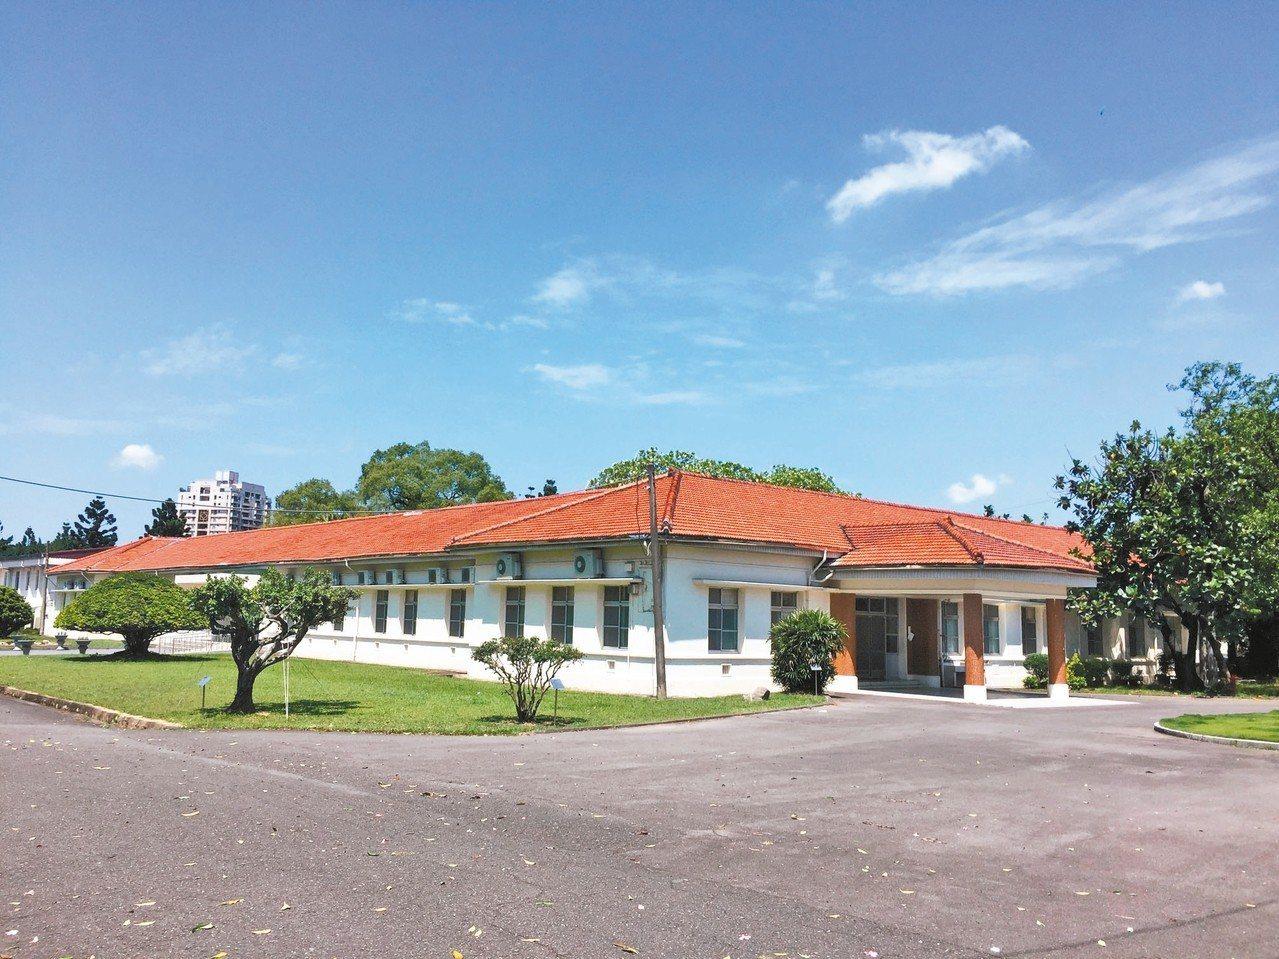 高雄市鳳山熱帶園藝試驗所辦公廳舍,已成為歷史建築。 圖/高雄市文化局提供